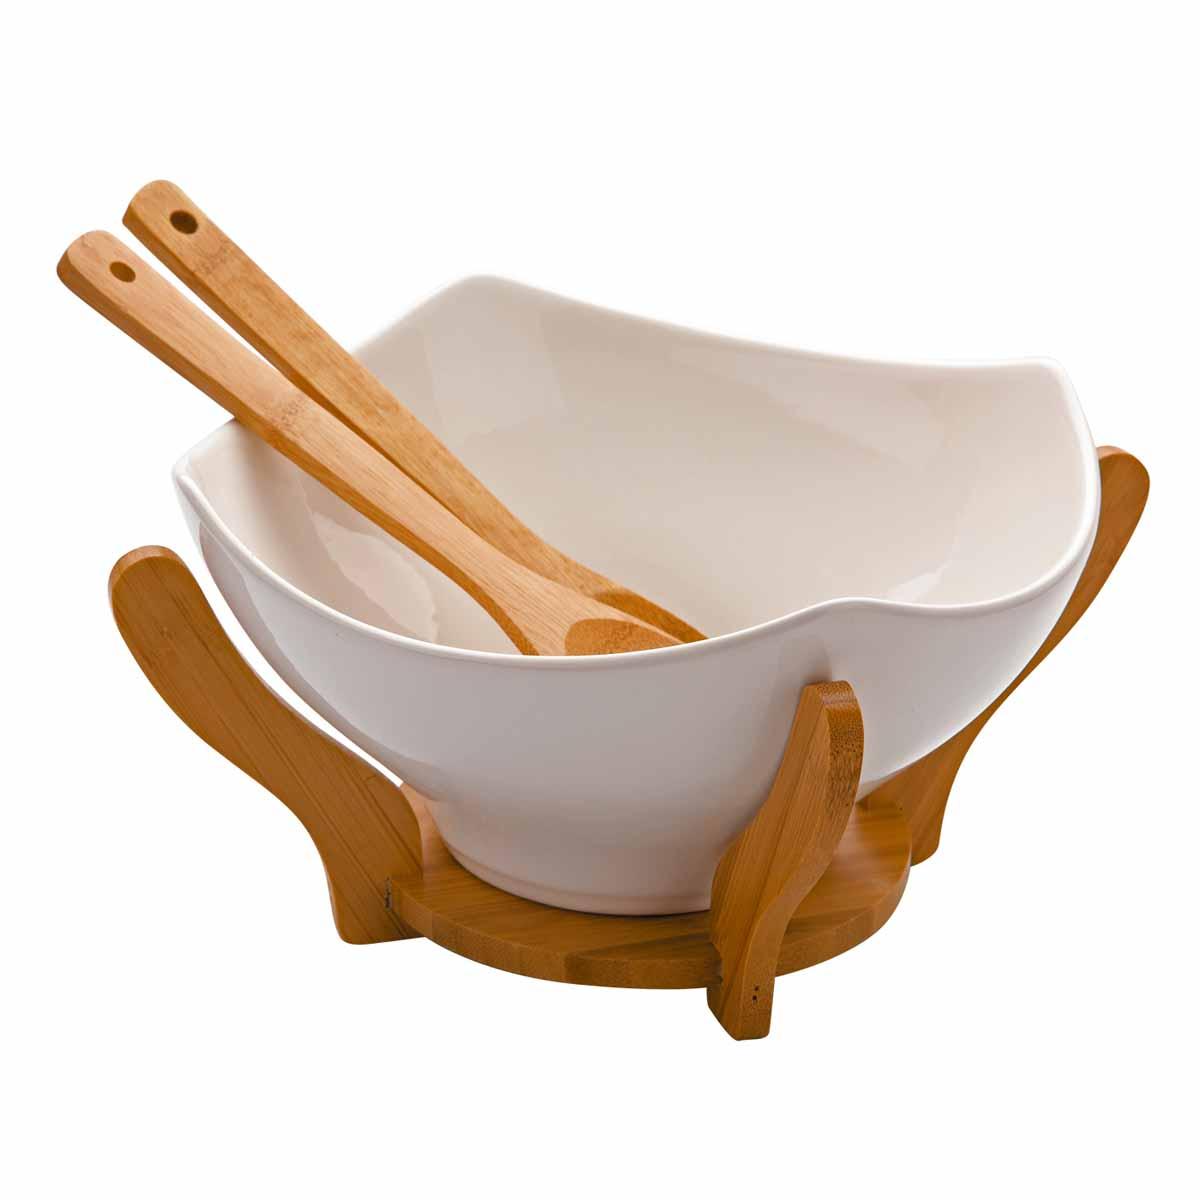 Салатница Dekok, с 2 ложками, с подставкой, 23,5 х 23,5 смPW-2711Салатница Dekok изготовлена из фарфора и имеет оригинальную форму. Посуда безопасна для здоровья и окружающей среды. Изделие размещено на подставке, выполненной из бамбука. Такая салатница прекрасно подходит для различных блюд: каш, хлопьев, салатов и многого другого. Она дополнит коллекцию вашей кухонной посуды и будет служить долгие годы. В наборе - 2 деревянные сервировочные ложки.Размер салатницы (по верхнему краю): 23,5 см х 23,5 см. Высота стенки салатницы: 12 см.Длина ложек: 26 см.Размер рабочей части ложек: 6 см х 8,5 см.Размер подставки: 21 см х 21 см х 11,6 см.